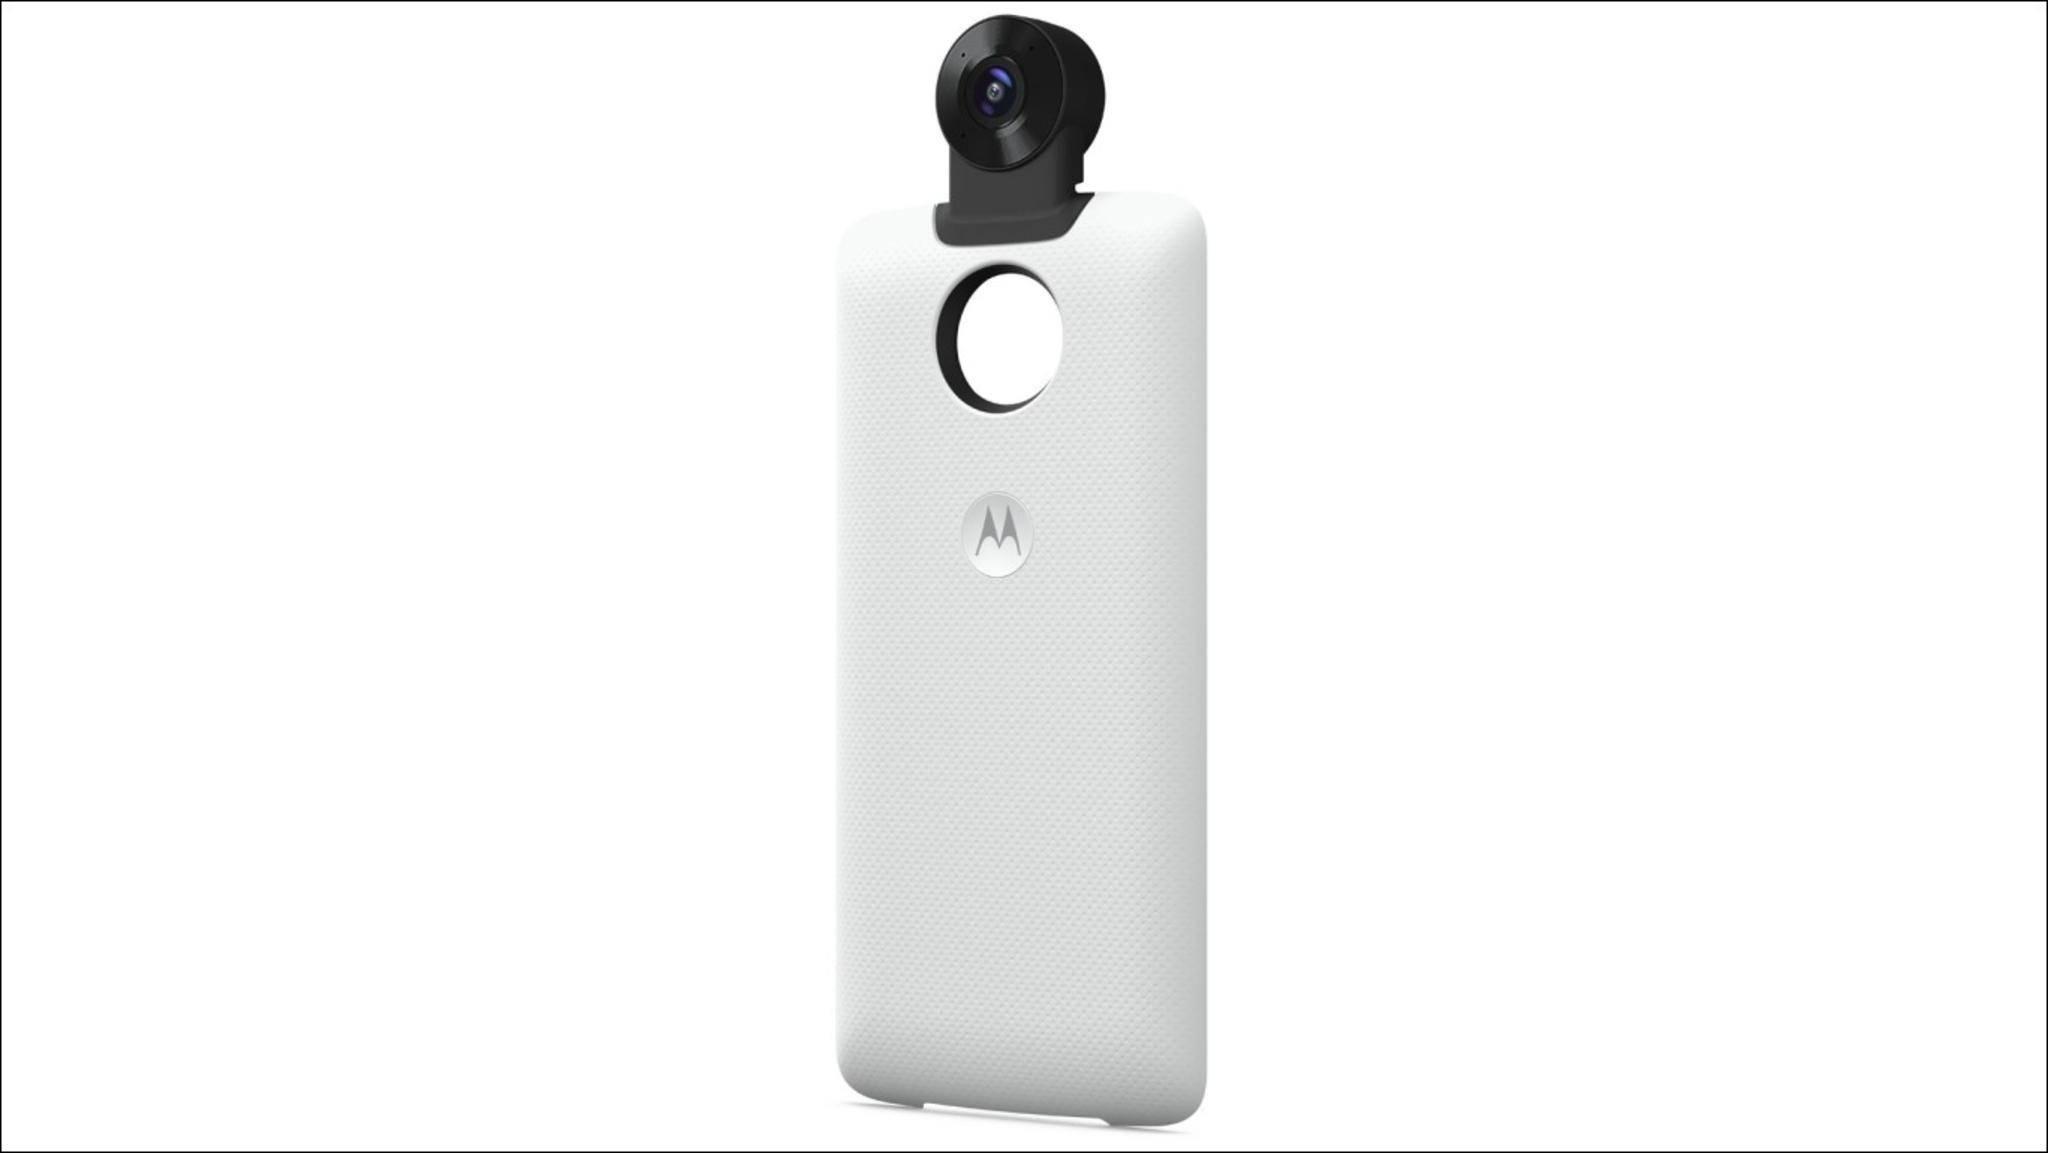 Eine neue Moto Mod ergänzt kompatible Motorla-Smartphones um eine 360-Kamera.